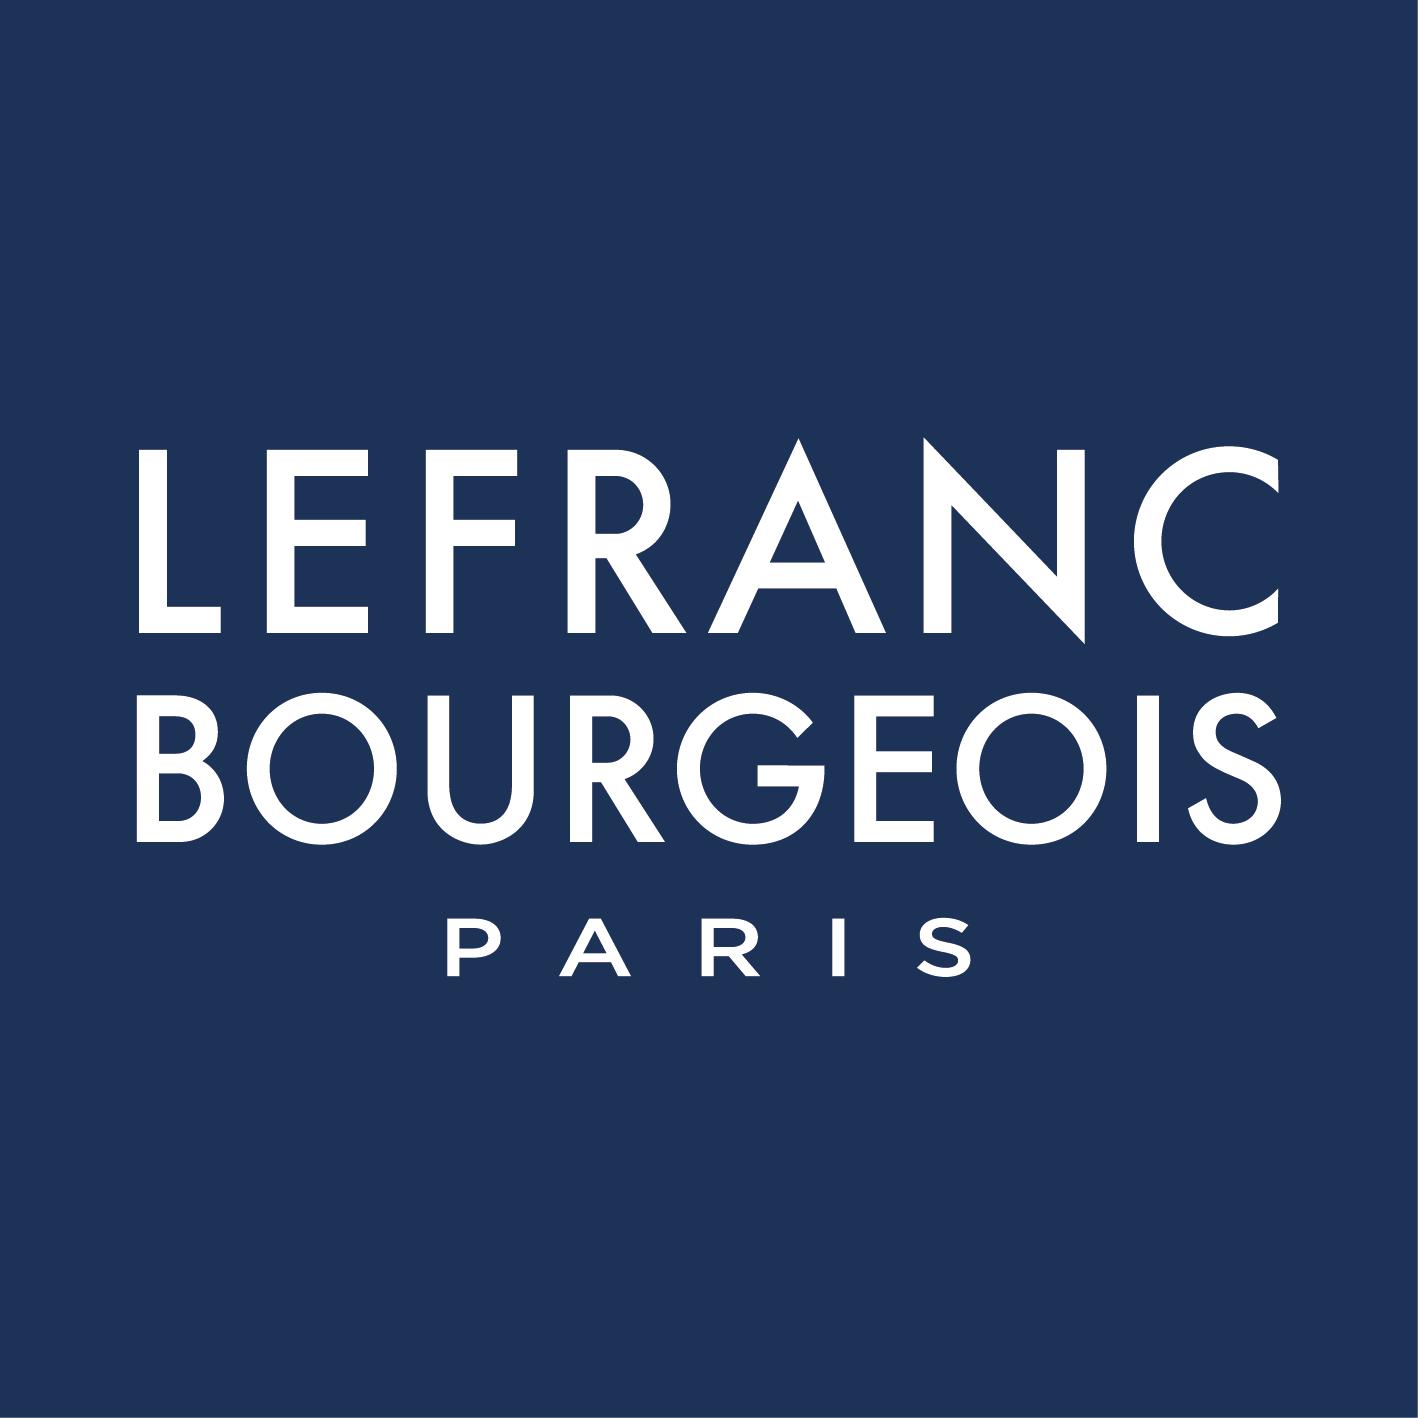 OLEO EXTRAFINO LEFRANC BOURGEOIS